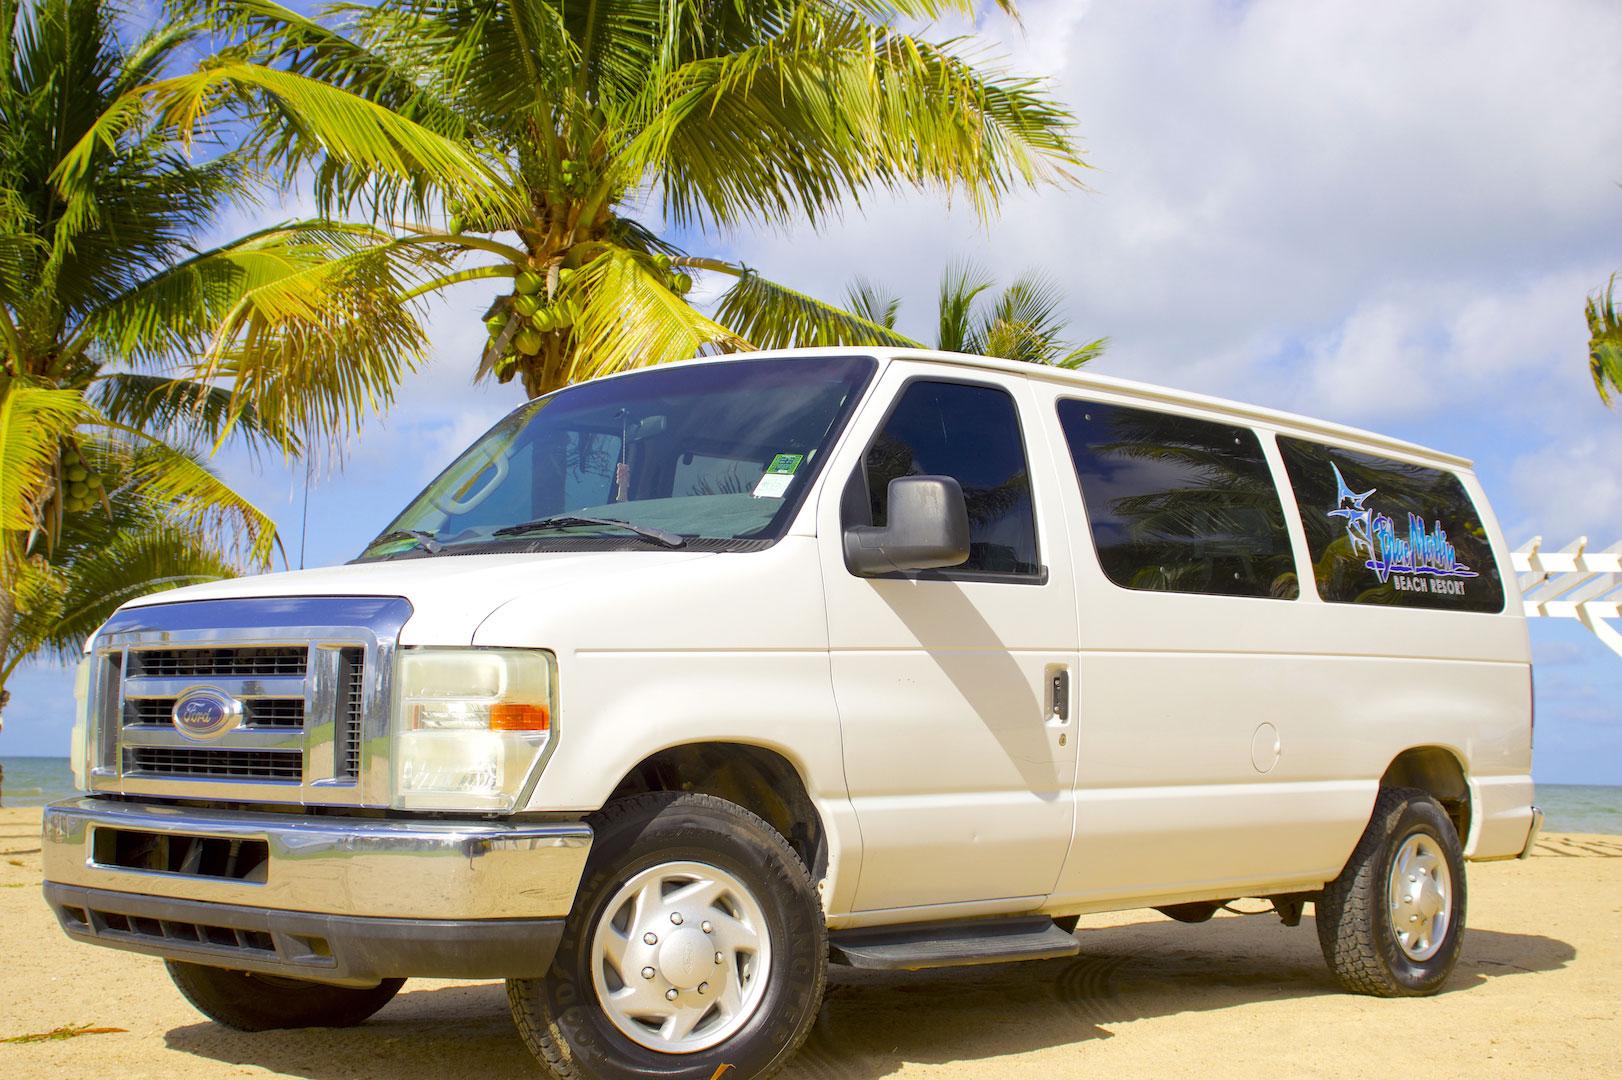 Getting here van